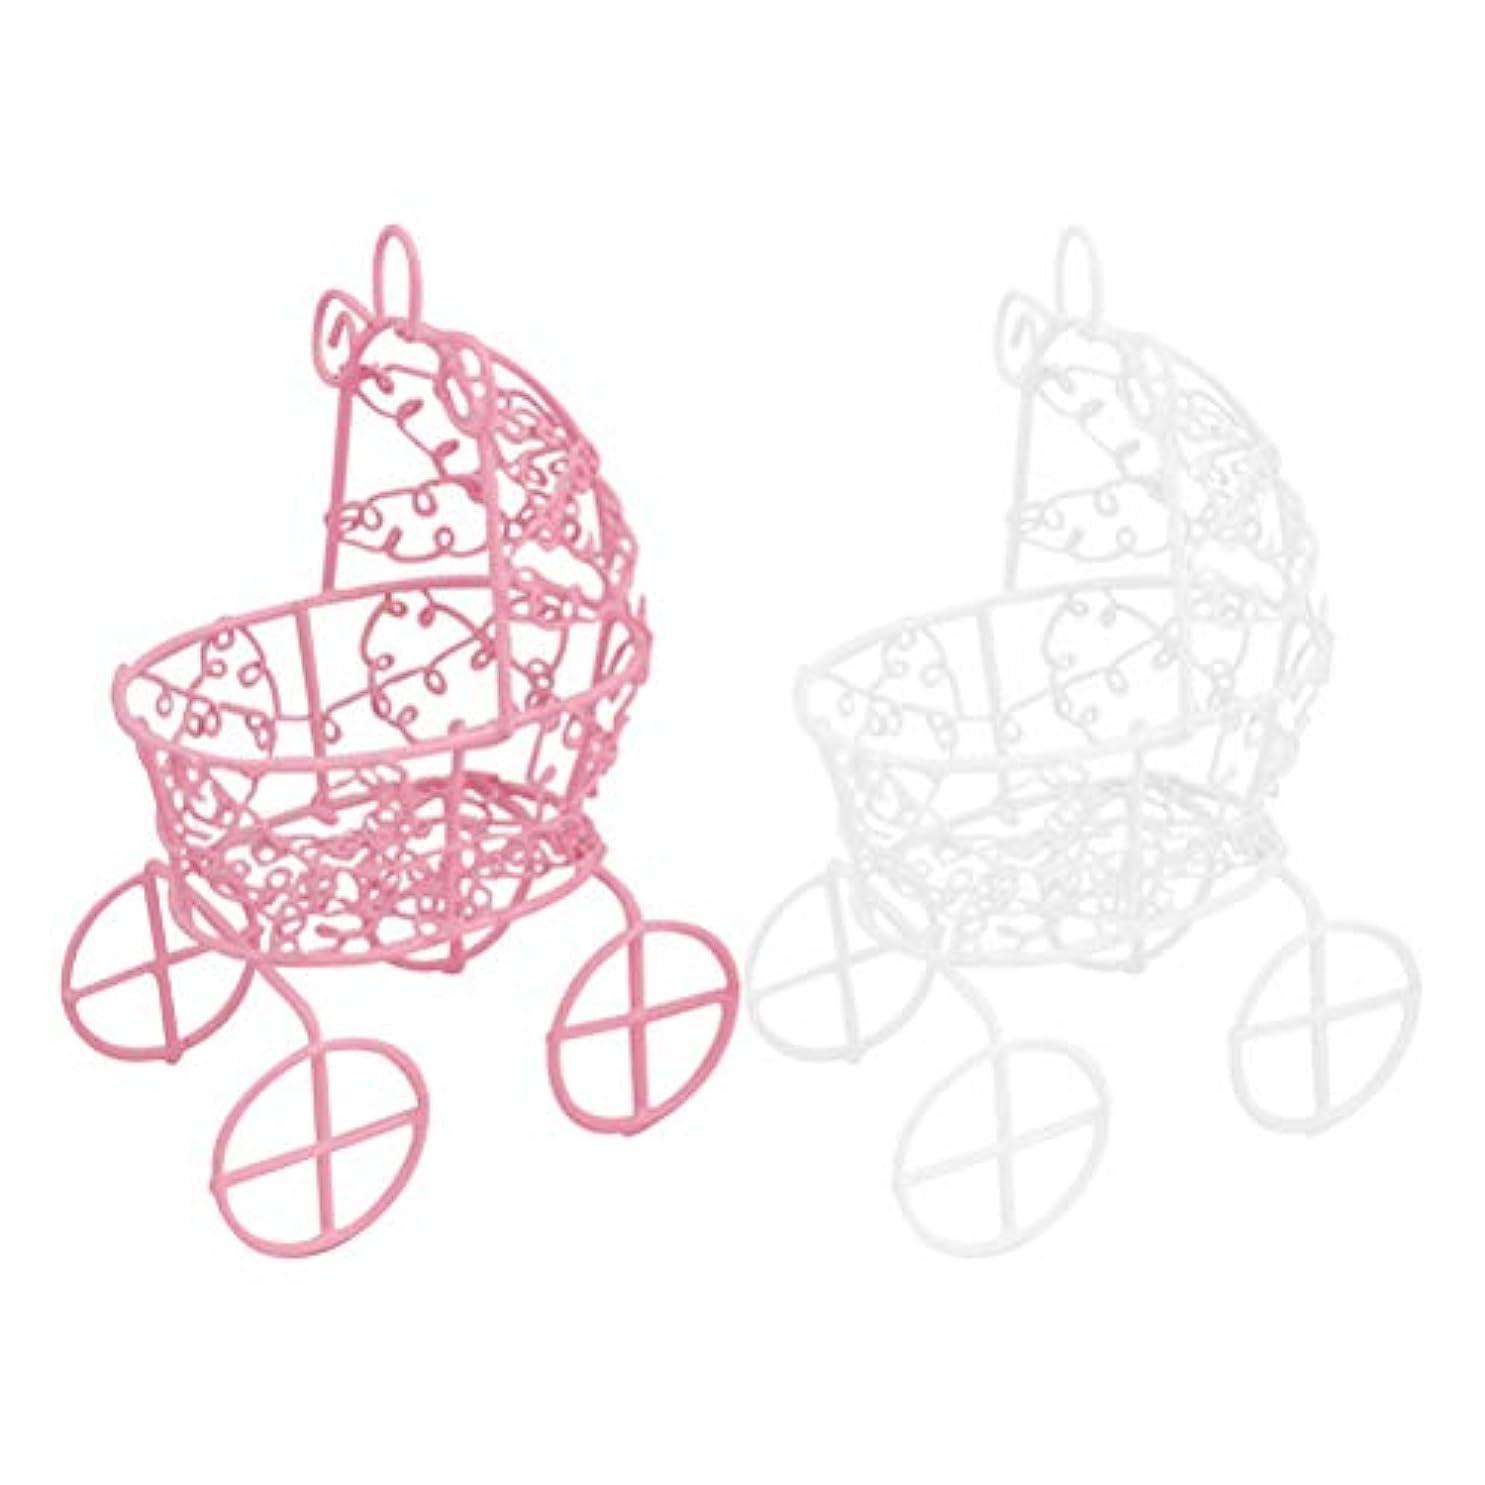 データベースデータベースFrcolor メイクスポンジスタンド パフホルダー パフ乾燥用スタンド 化粧用パフ收納 カビ防止 小型軽量 2色セット(ピンク+ホワイト)